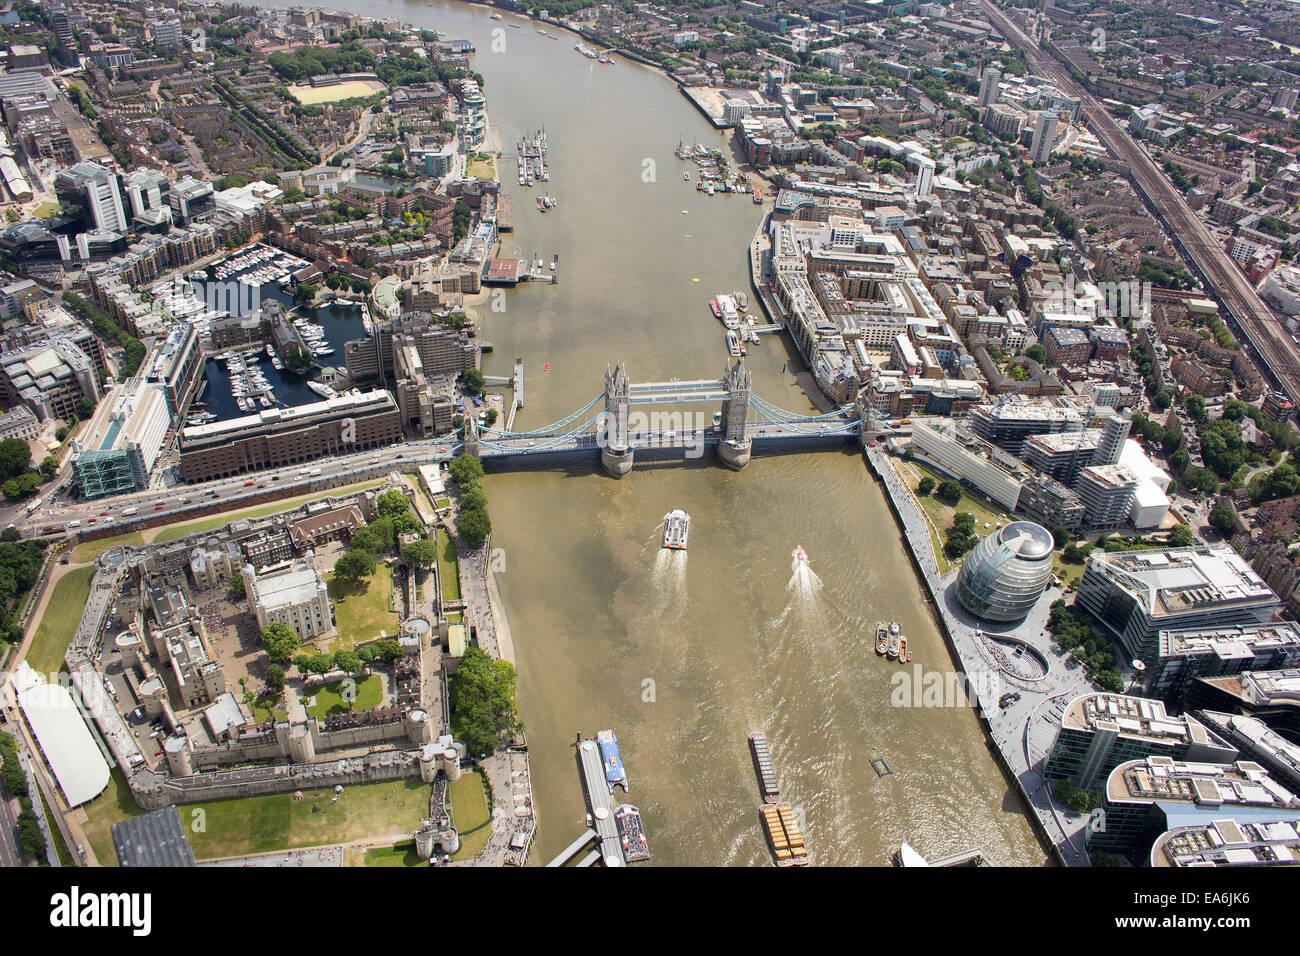 Vista aérea del Tower Bridge y la ciudad, Londres, Inglaterra, Reino Unido Foto de stock